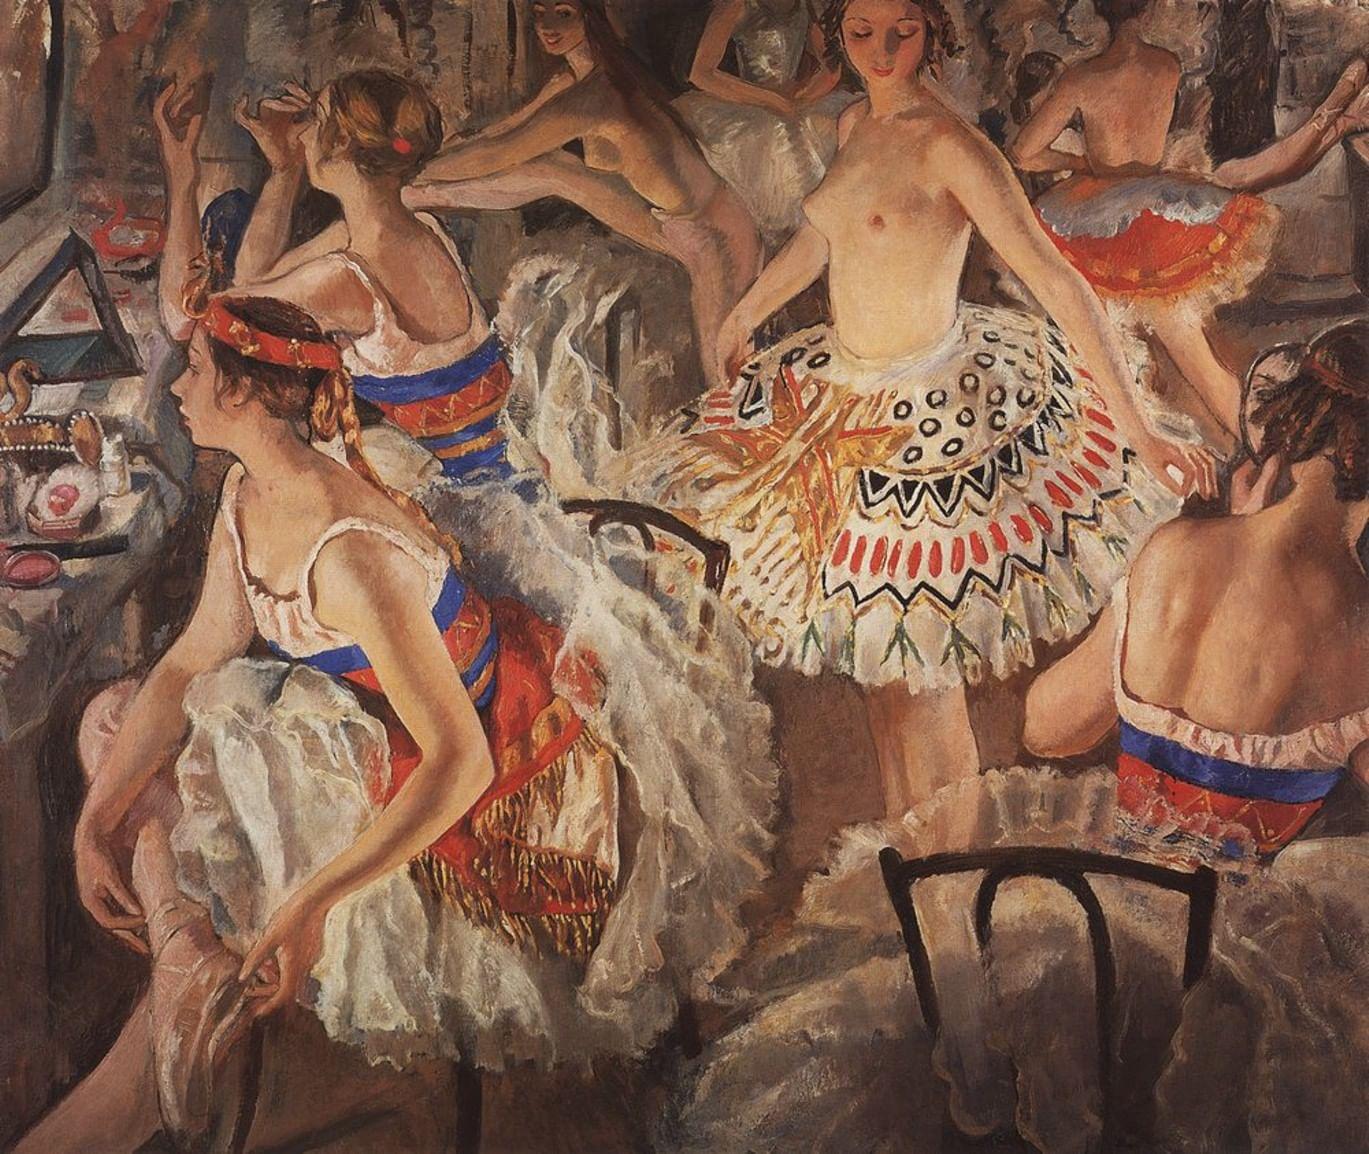 Танец на холсте: 5 картин русских художников. Галерея 1